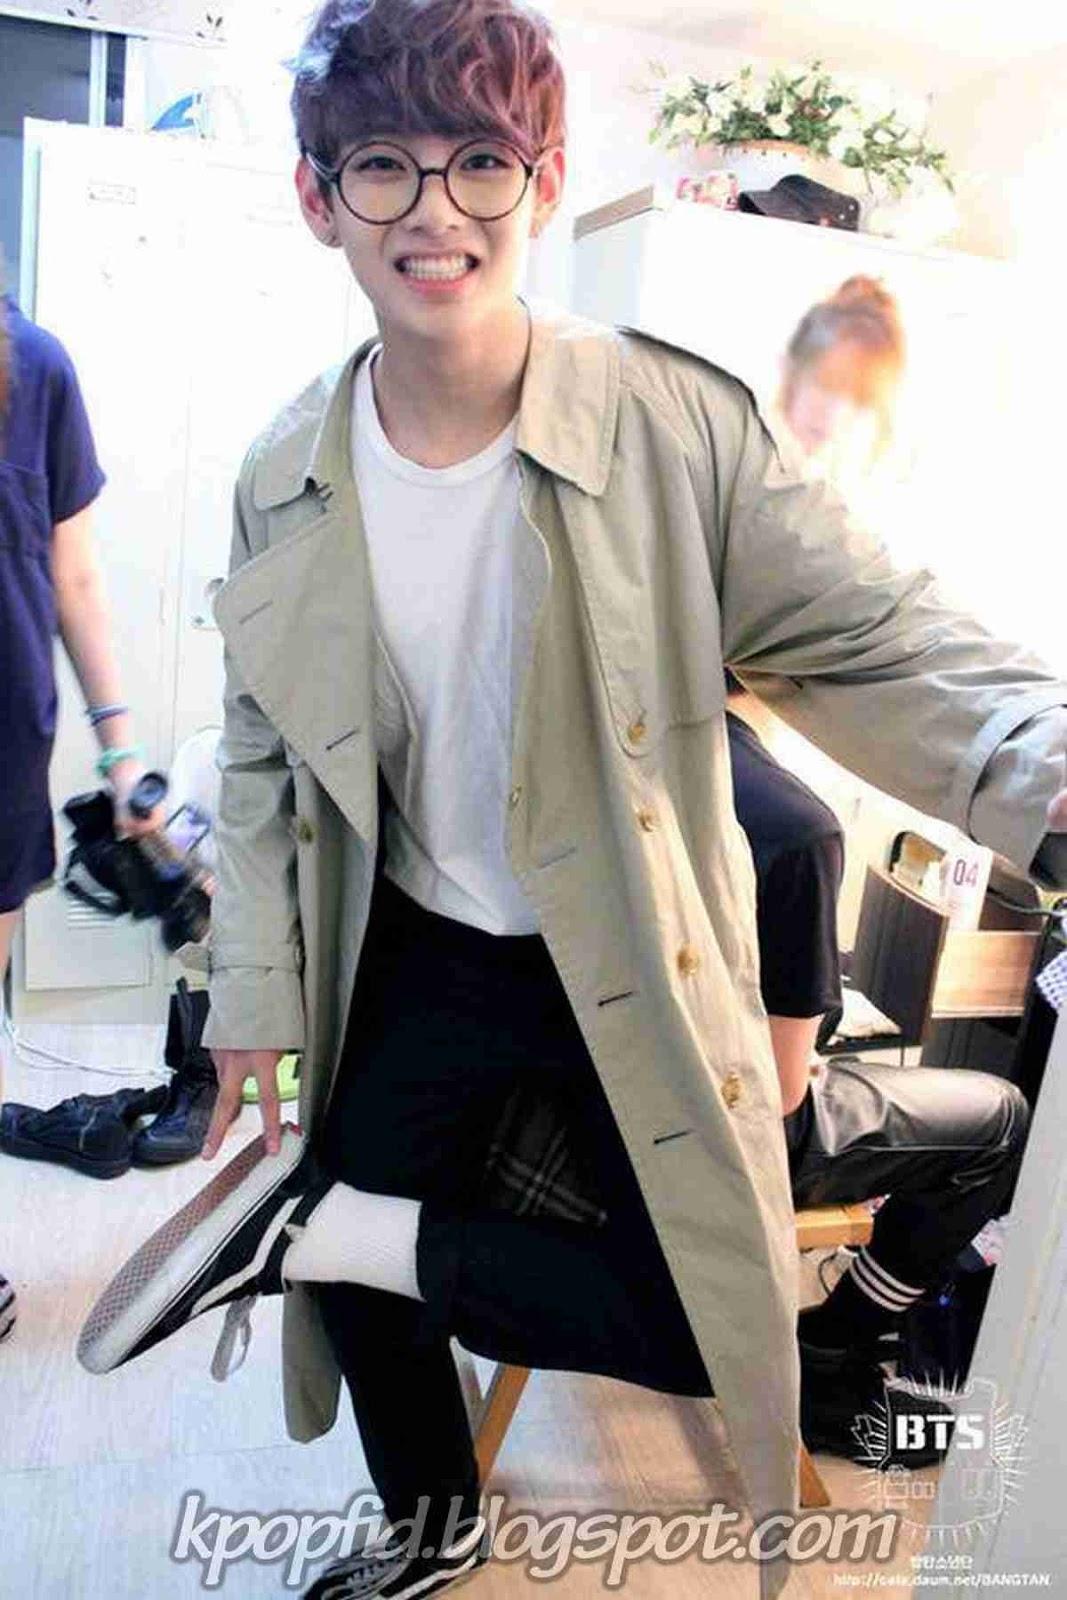 Biodata Dan Foto V BTS Kim Taehyung Terbaru